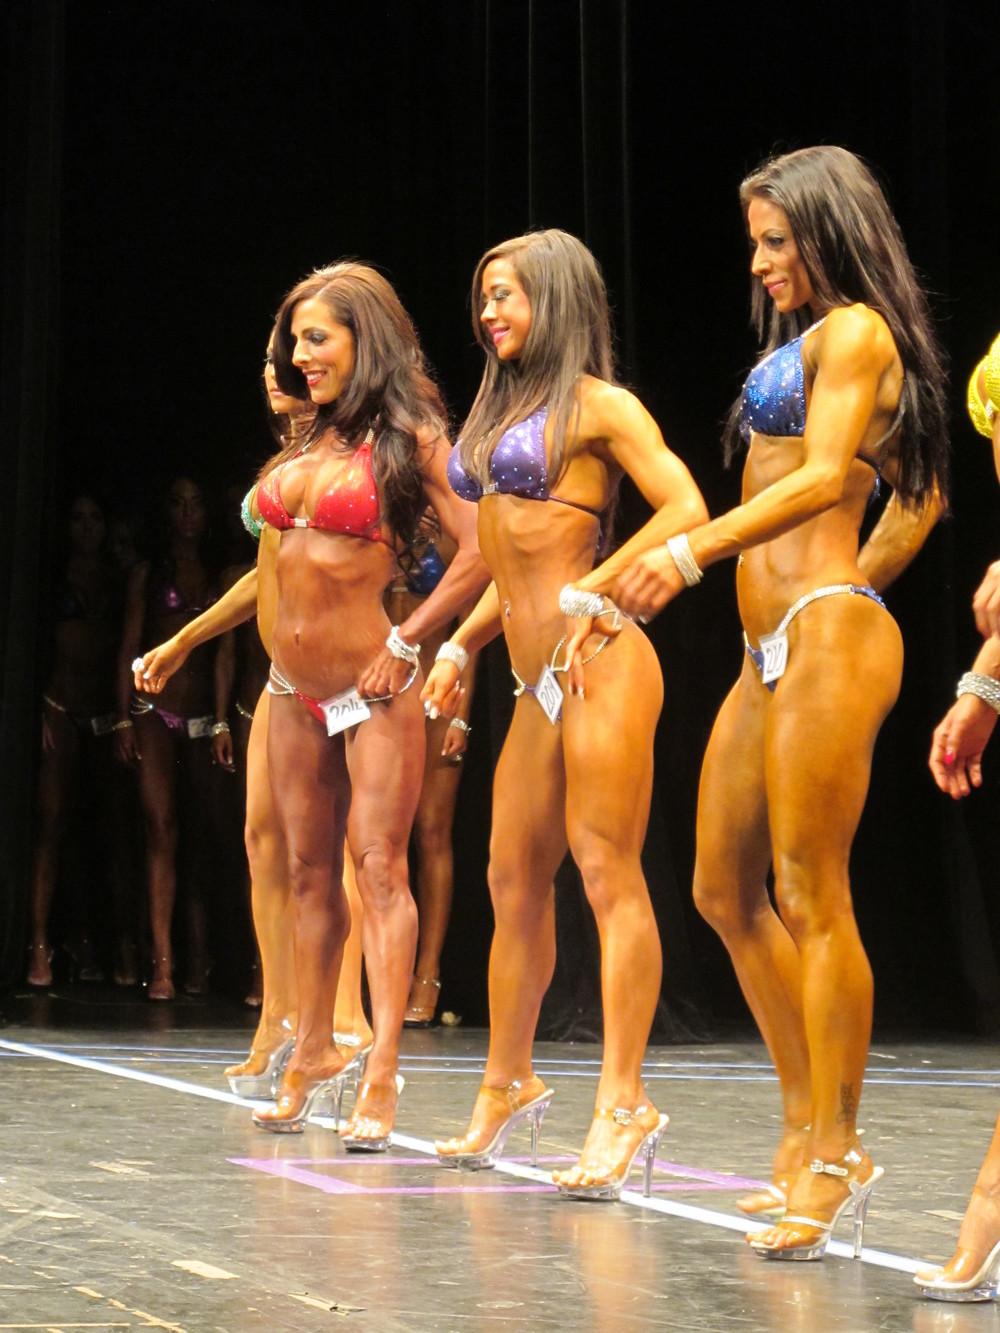 bodybuilding 043.jpg